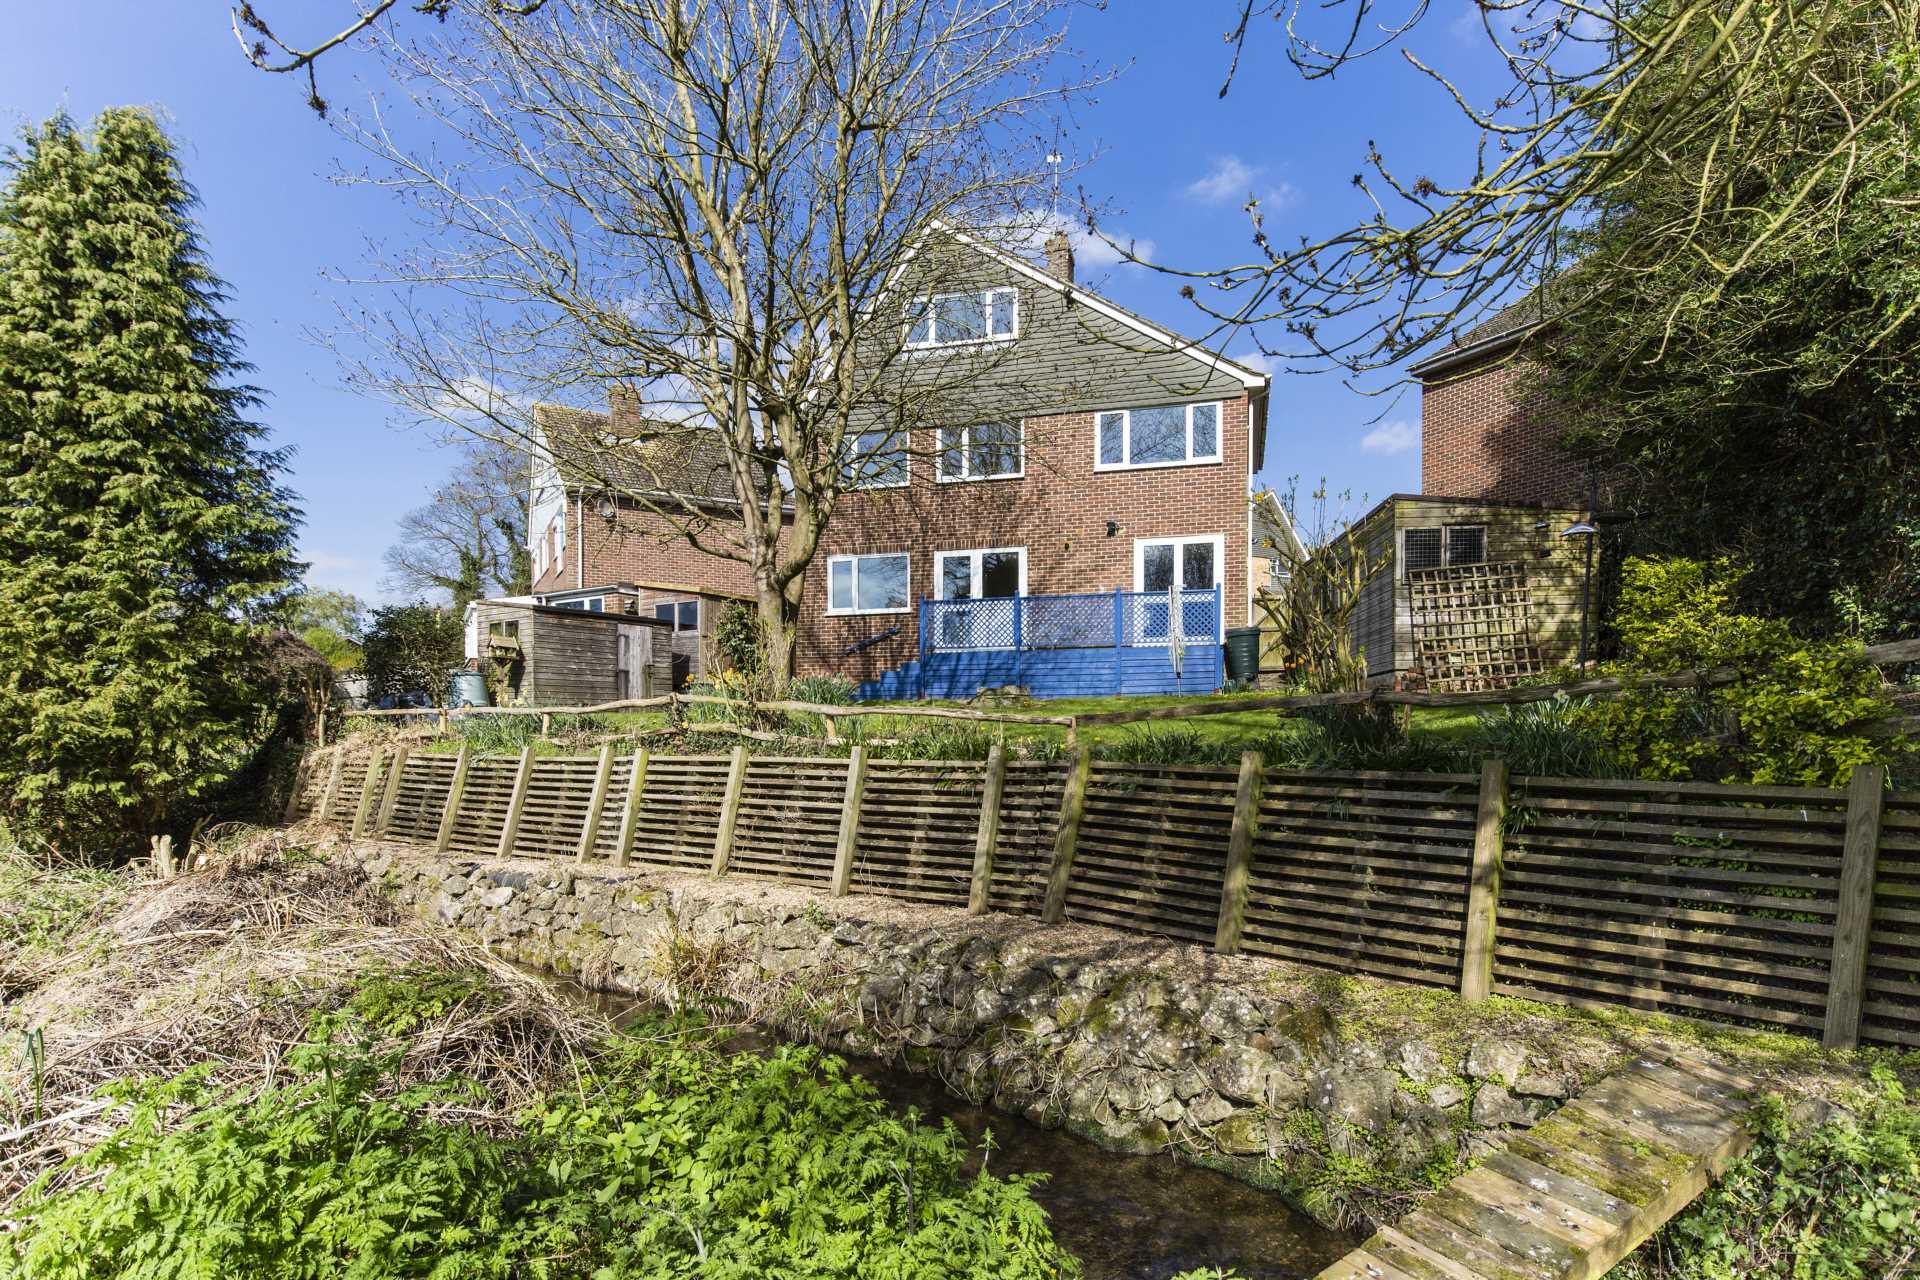 Warden Mill Close, Wateringbury, Image 15